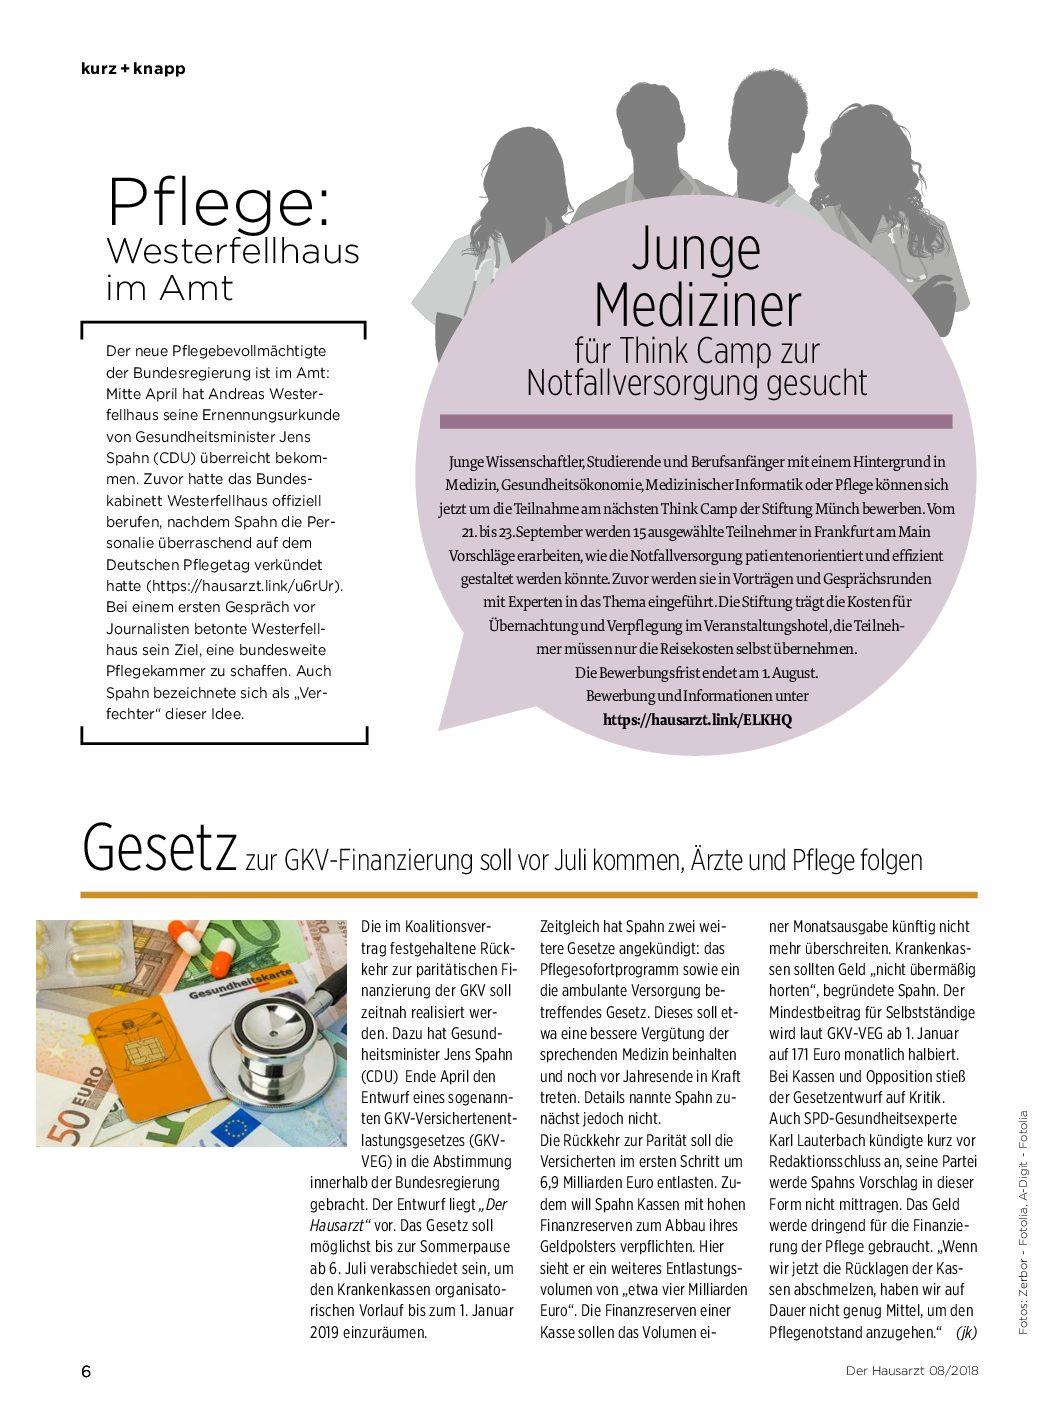 Großzügig Menschliche Anatomie Einer Tabelle Pdf Galerie - Super ...